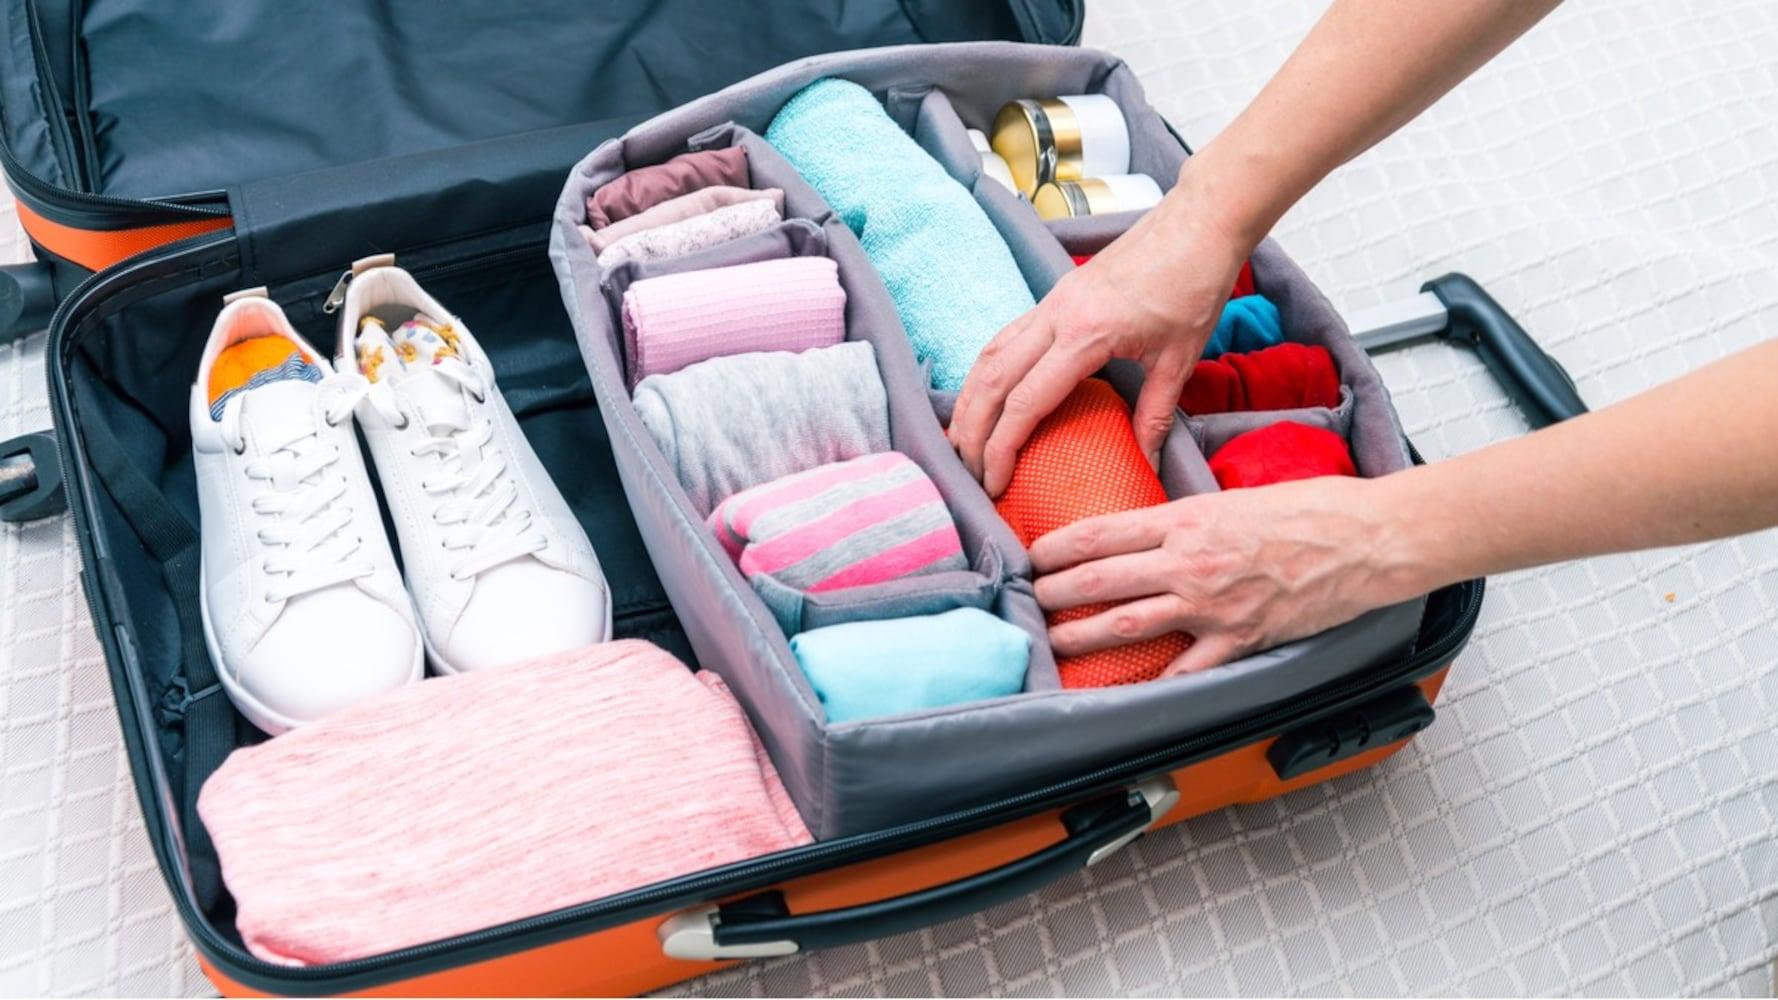 荷物の綺麗な詰め方・パッキングのコツ